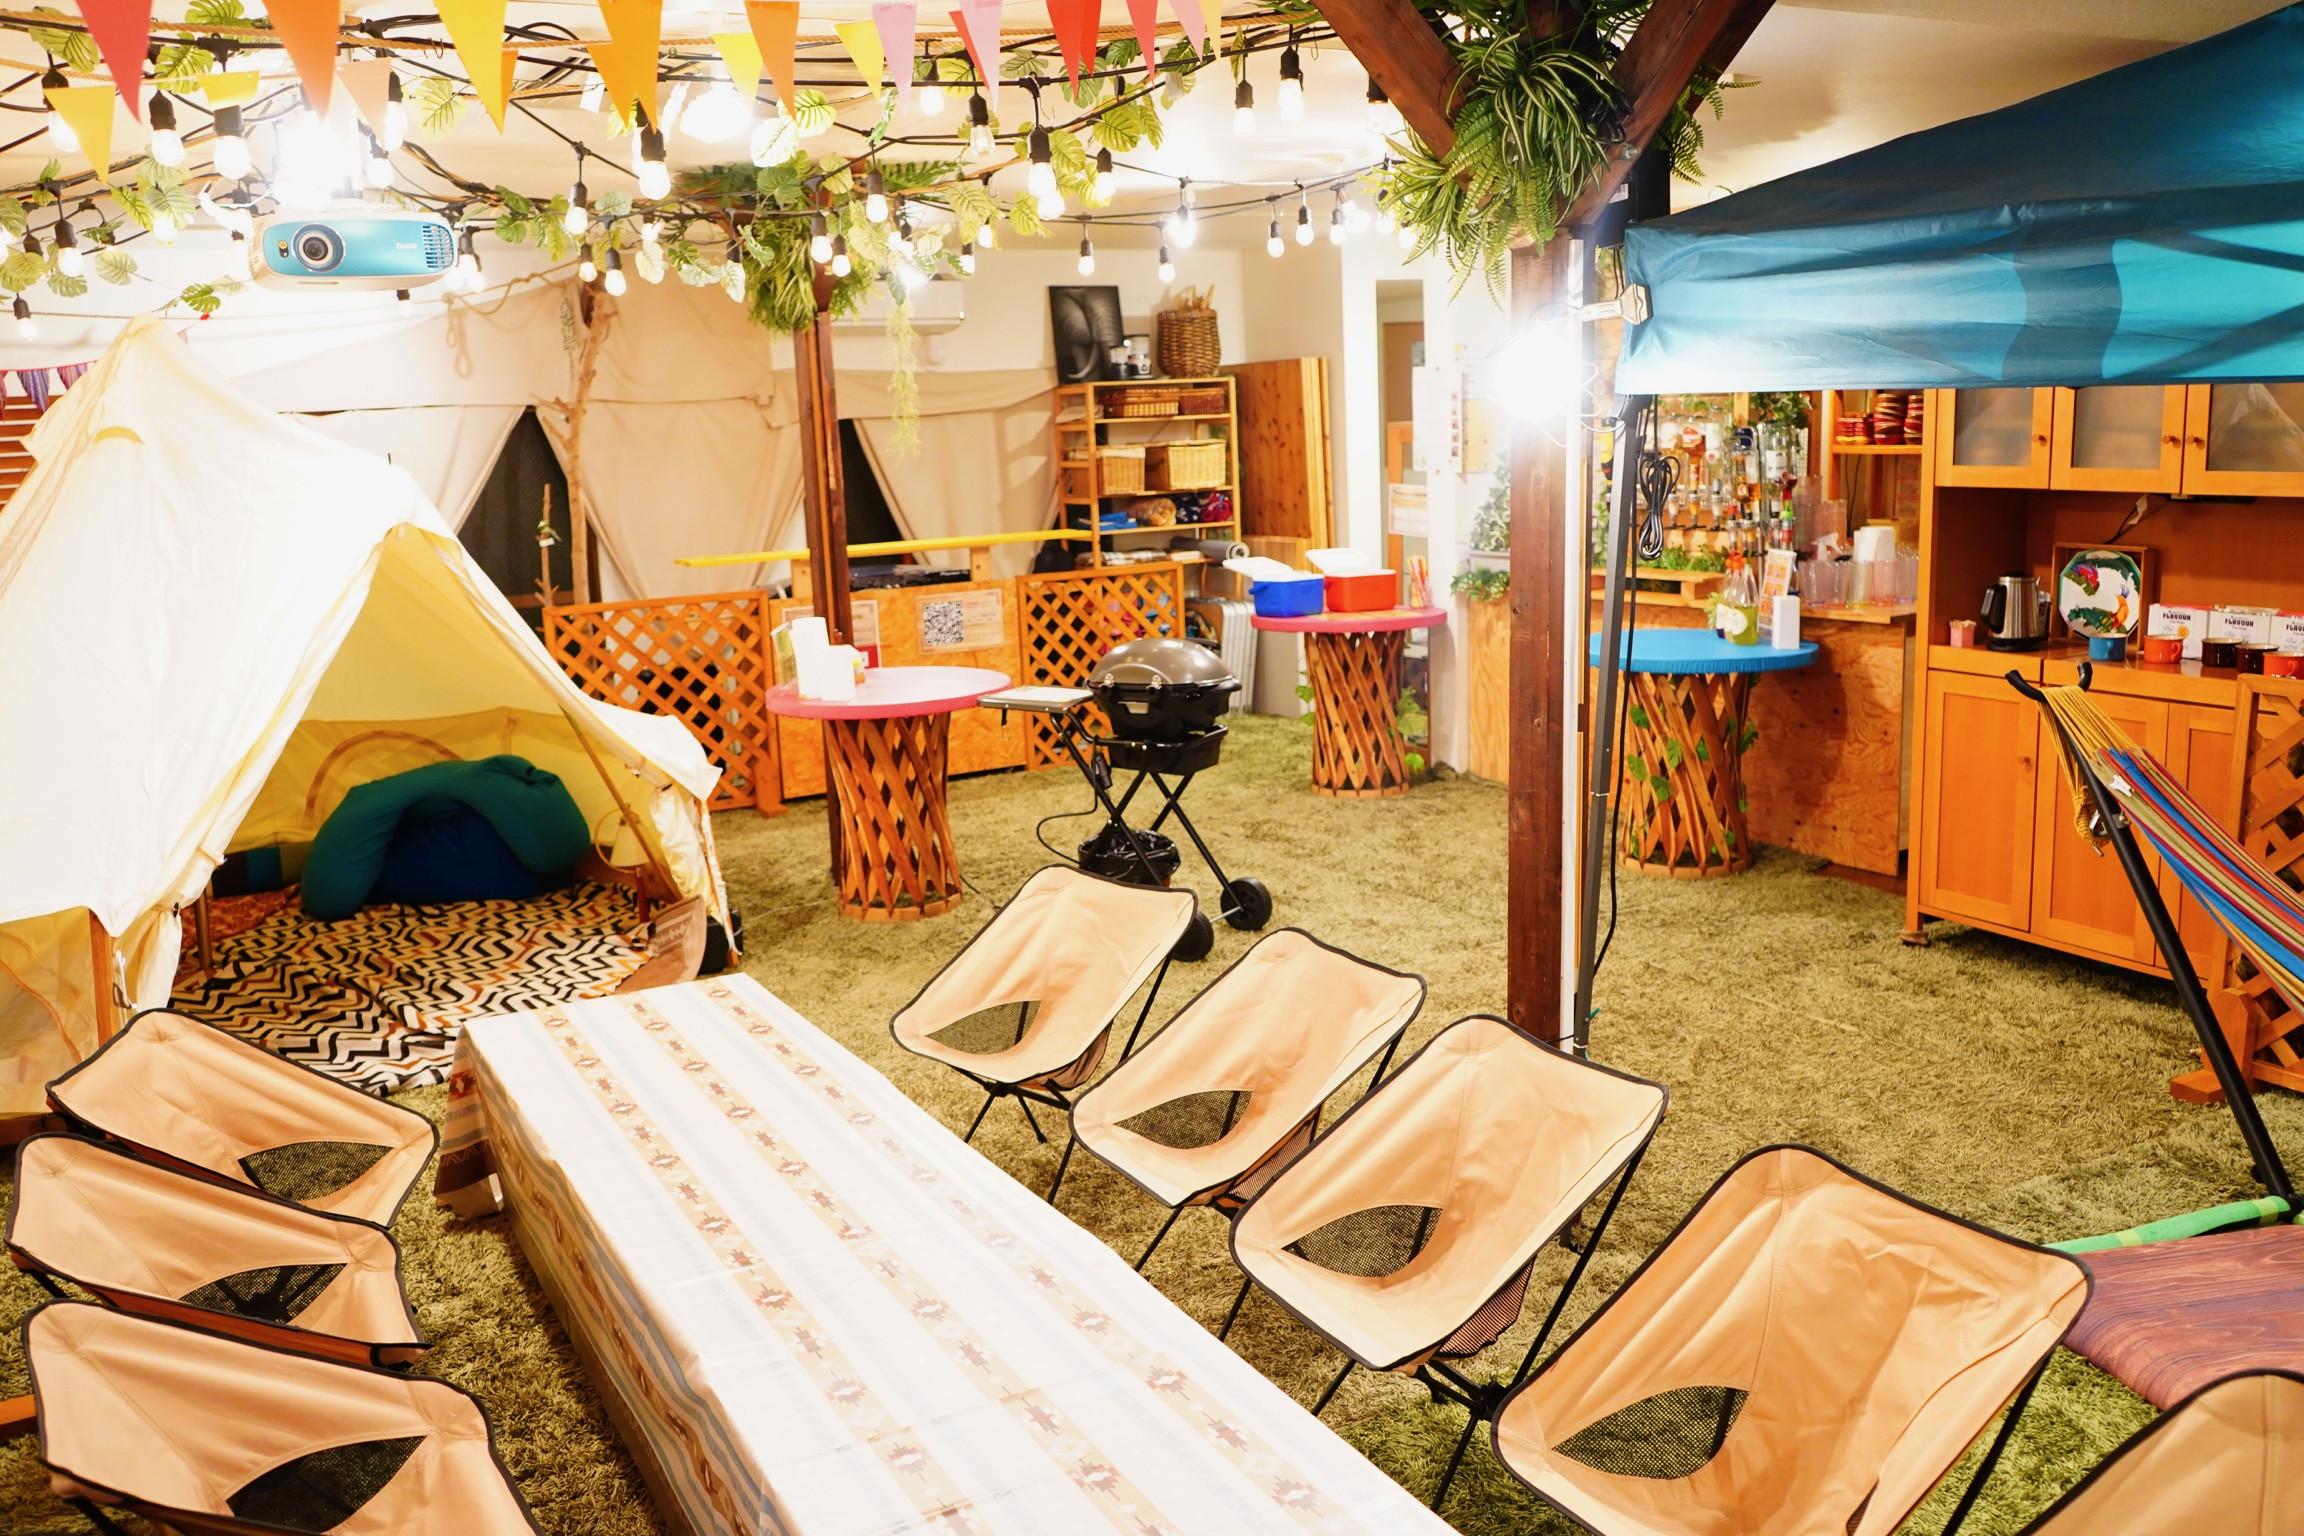 全天候型‼︎室内快適BBQ&貸切キャンピングテントcafe SUNNY GARDEN